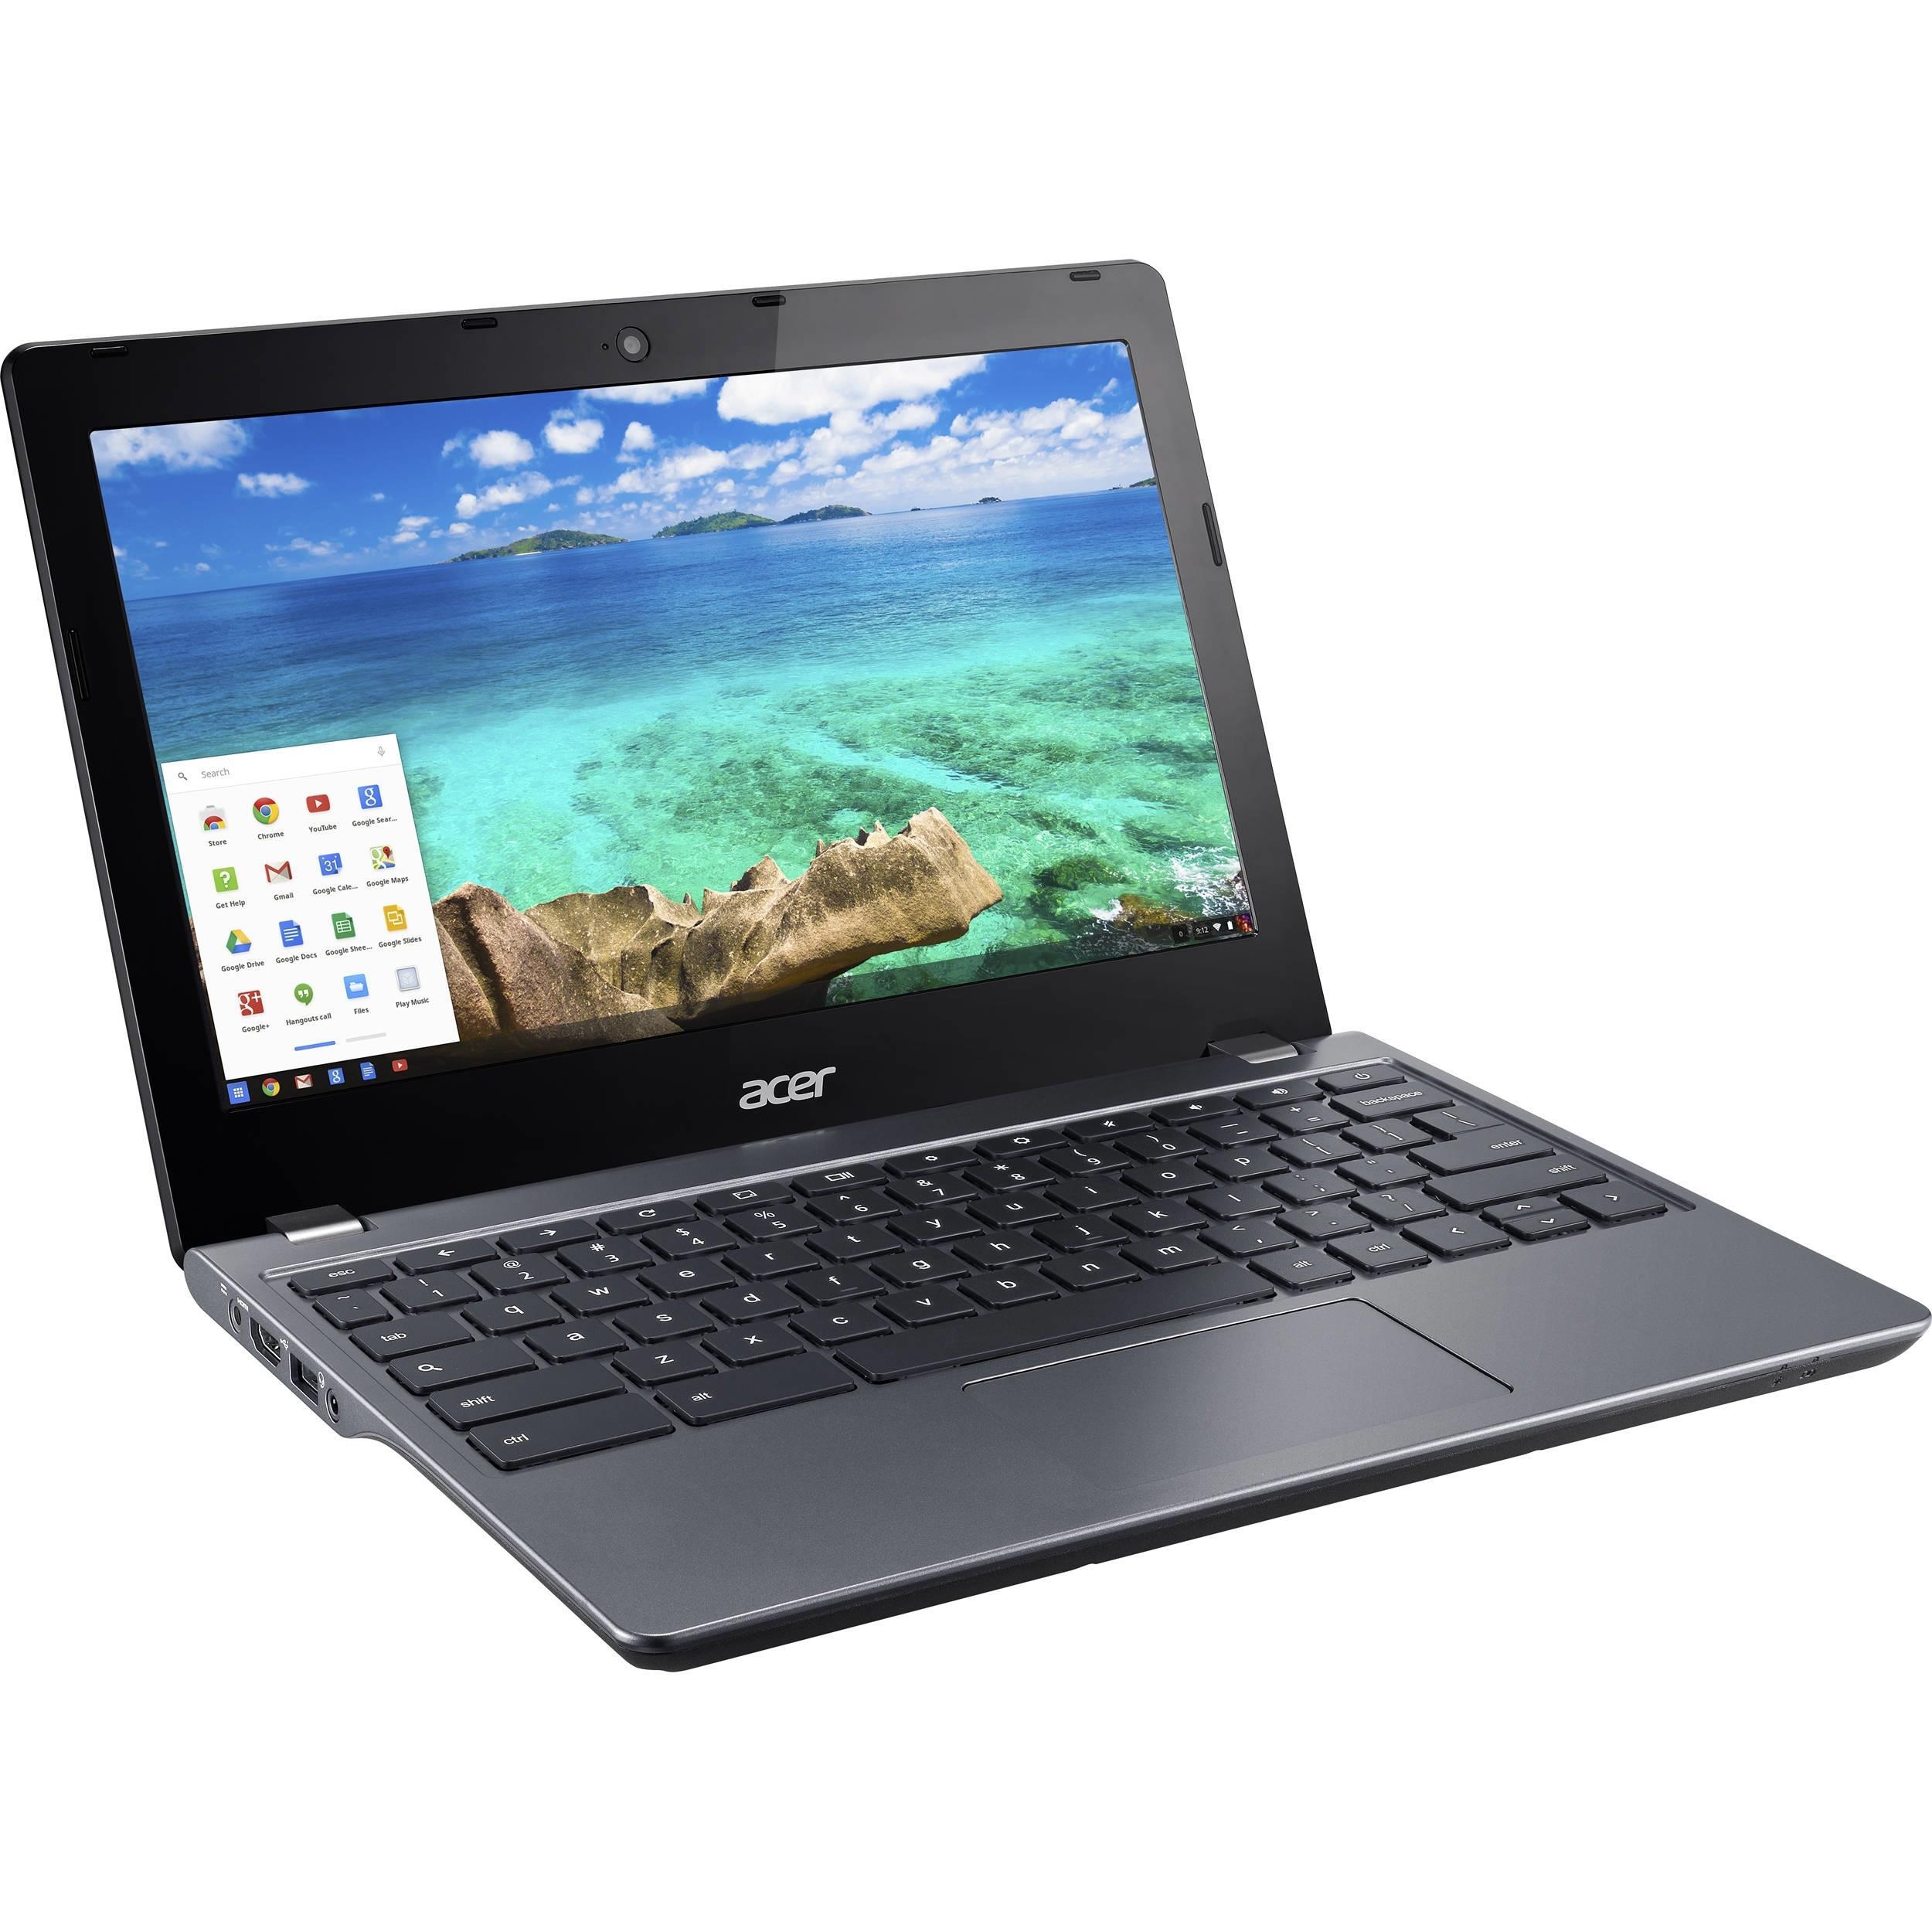 Acer Chromebook 11 C740-C3P1 NX.EF2AA.001 11.6-inch (2014) - Celeron 3205U - 2 GB - SSD 16 GB